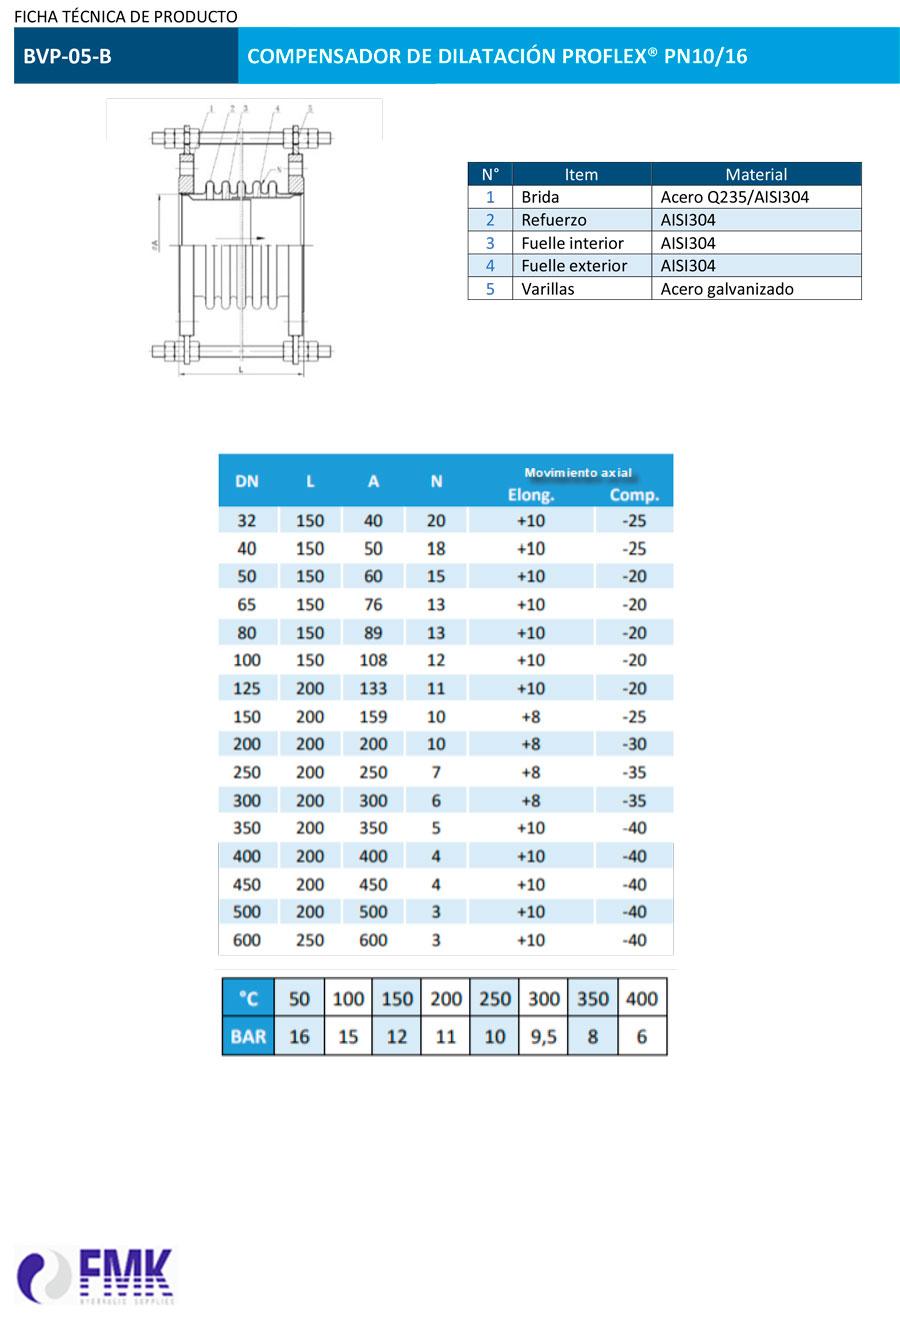 fmk-hydraulic-Compensador-de-dilatación-PROFLEX-bridado-BVP-05-B-ficha-tecnica-2